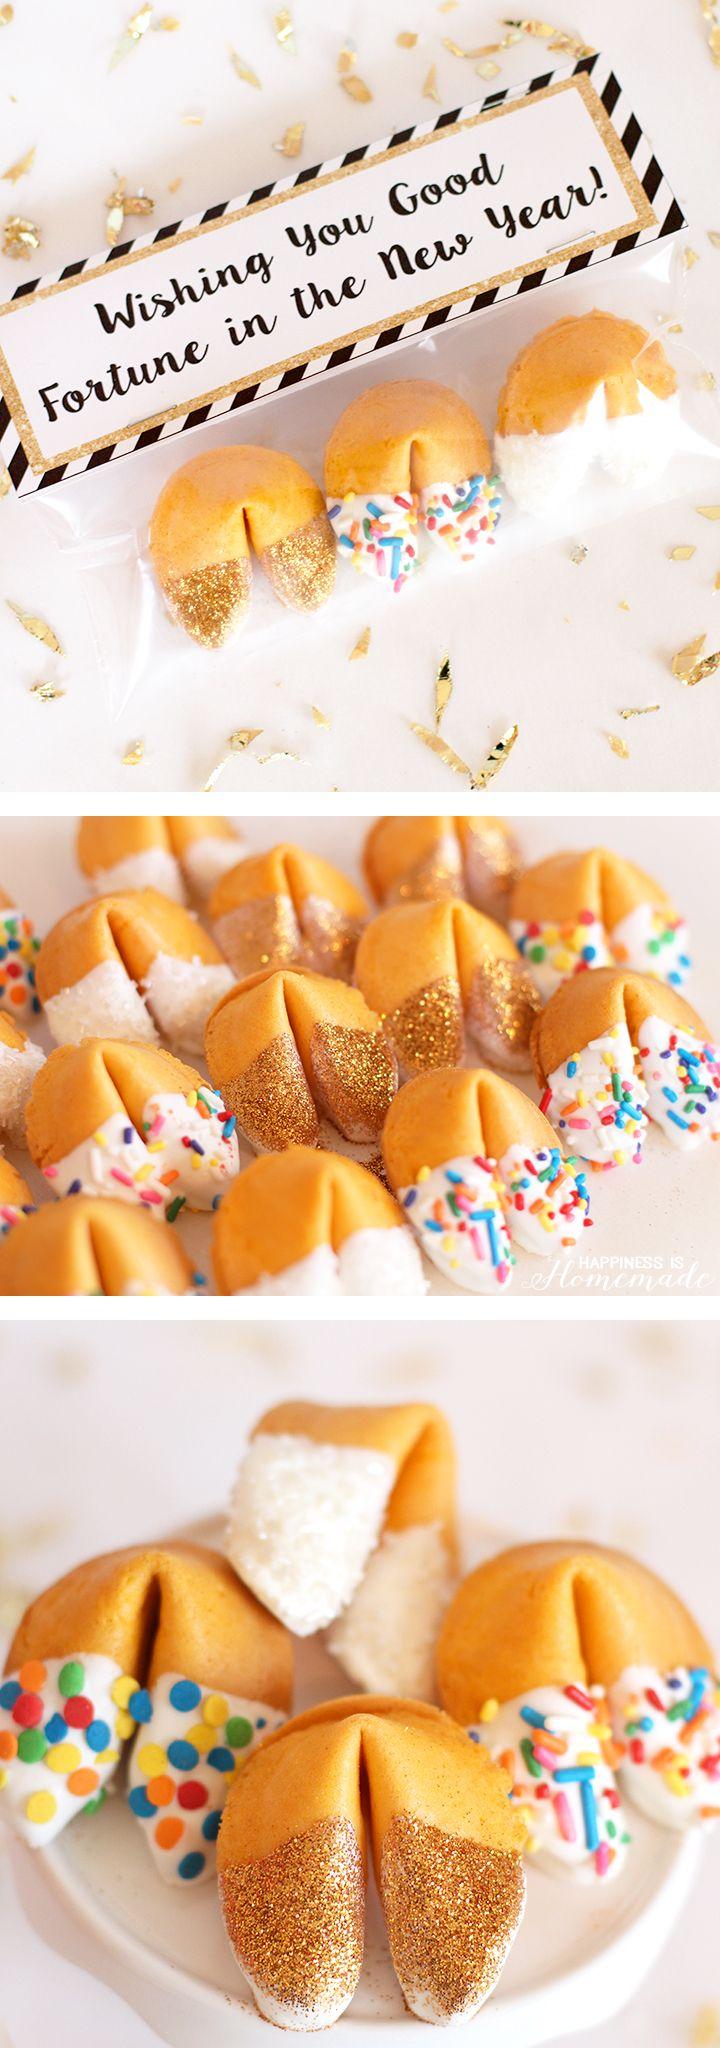 Fortune cookie {perfect for party favors} | Biscuits chinois {parfait comme cadeaux d'invités}